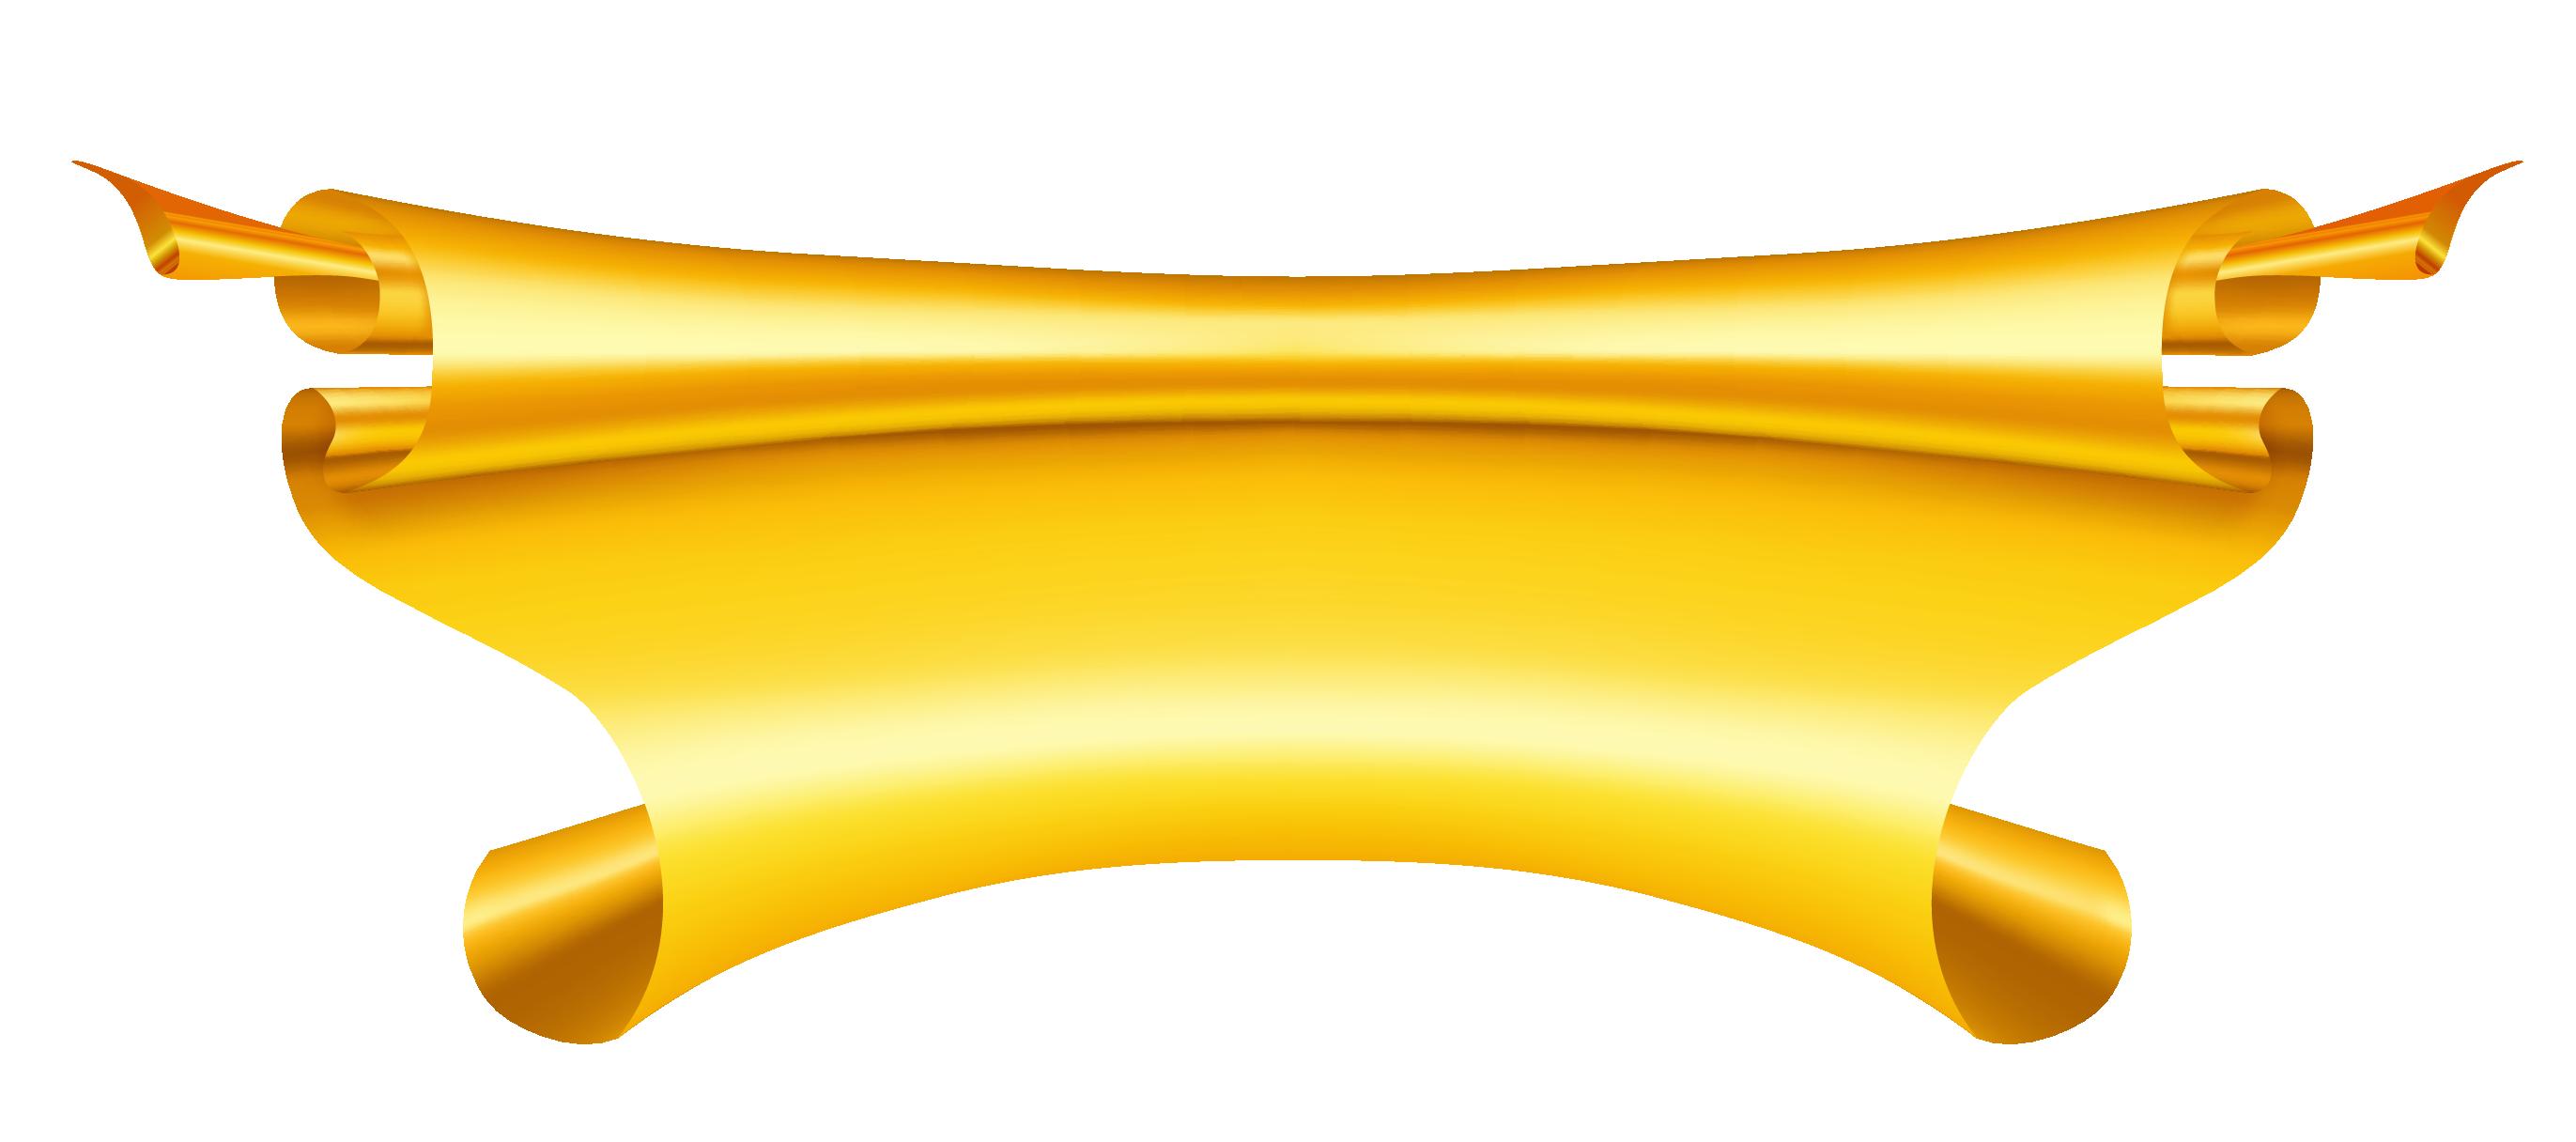 Yellow golden ribbon banner. Scroll clipart gold